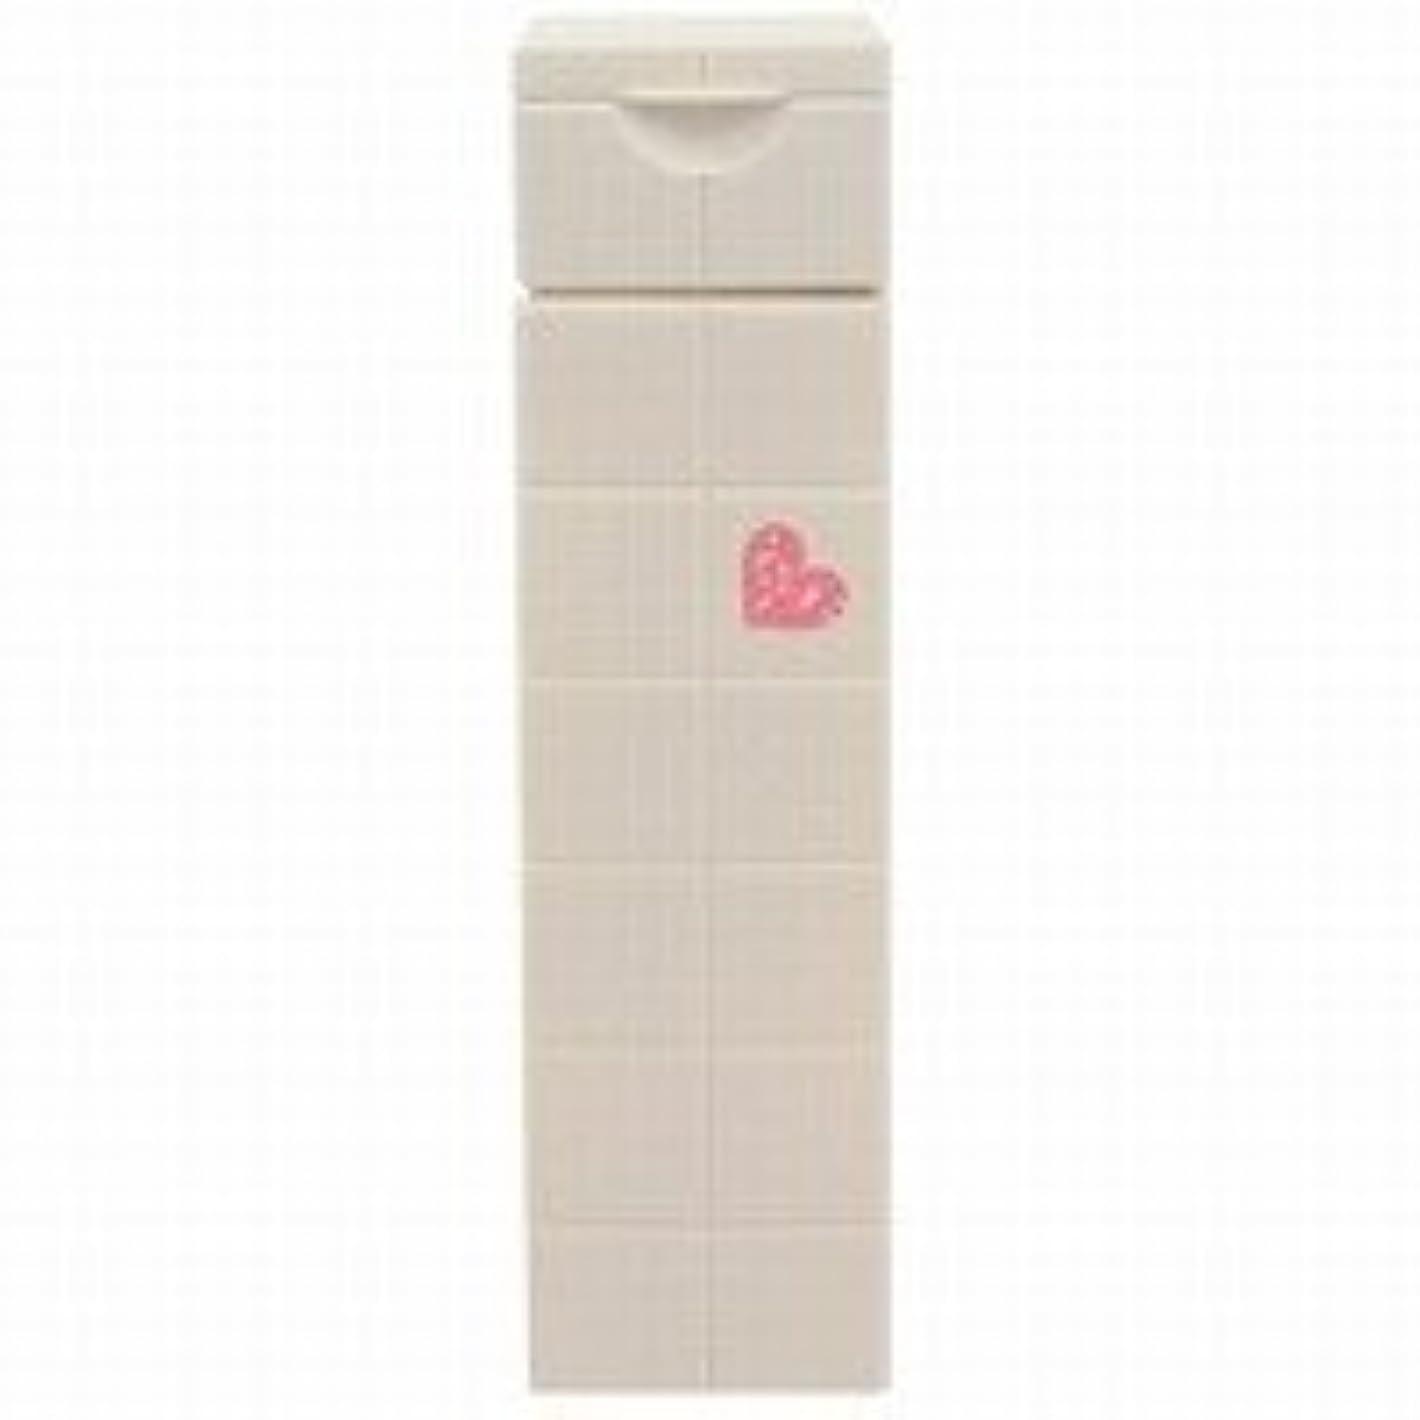 ポスタープレゼン激怒【X2個セット】 アリミノ ピース プロデザインシリーズ モイストミルク バニラ 200ml